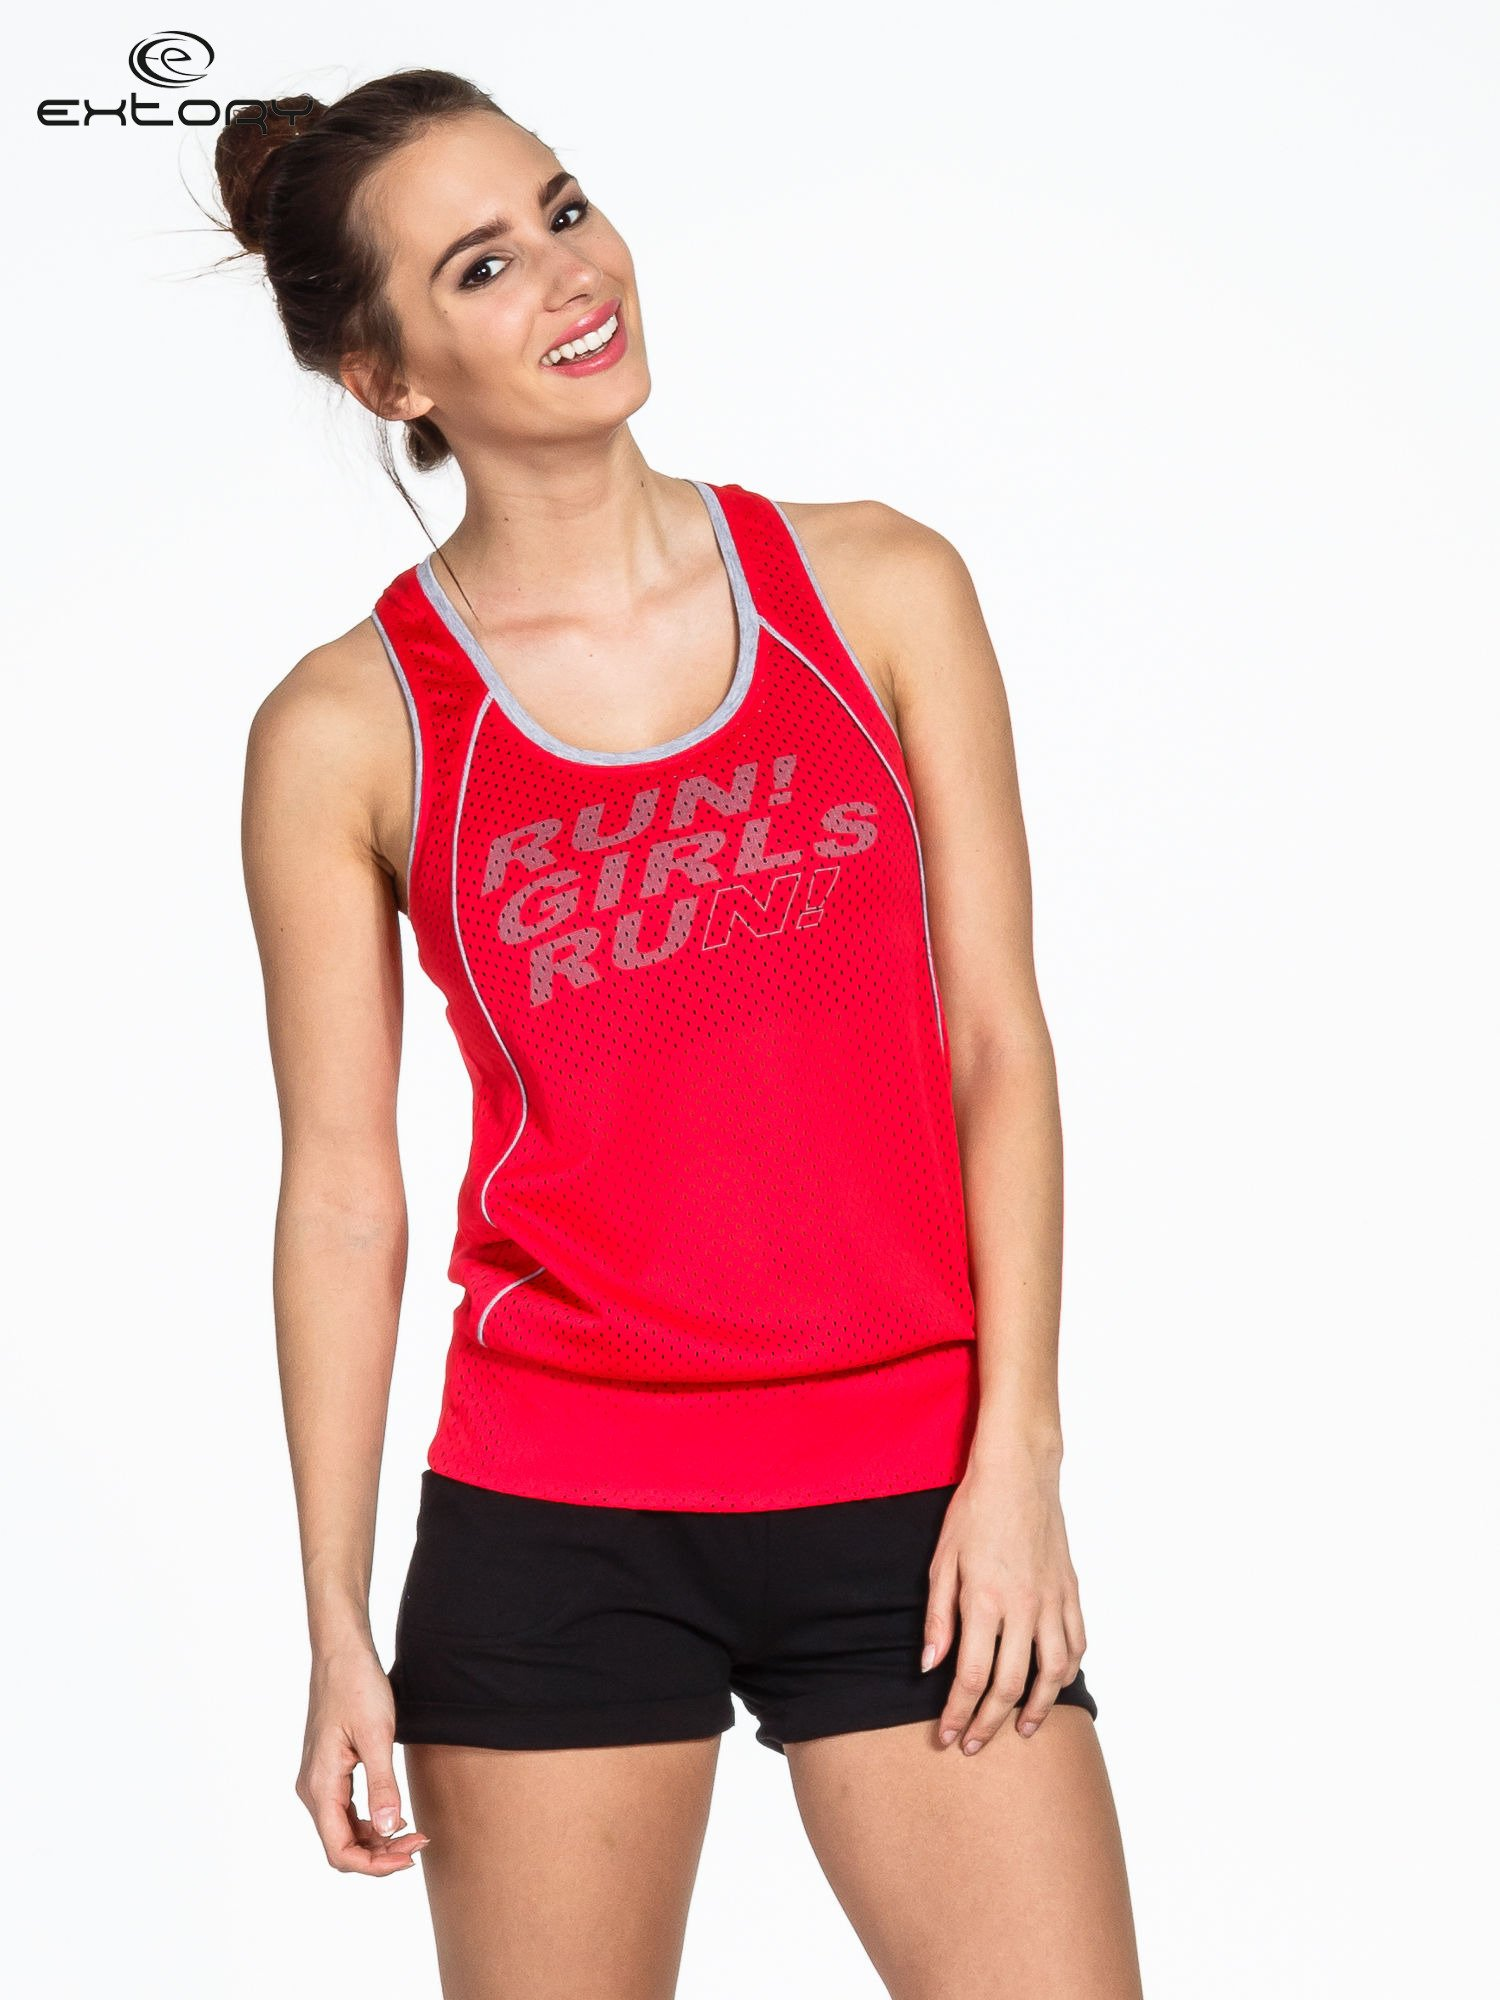 Czerwony siatkowy top sportowy z napisem RUN GIRLS RUN                                  zdj.                                  1